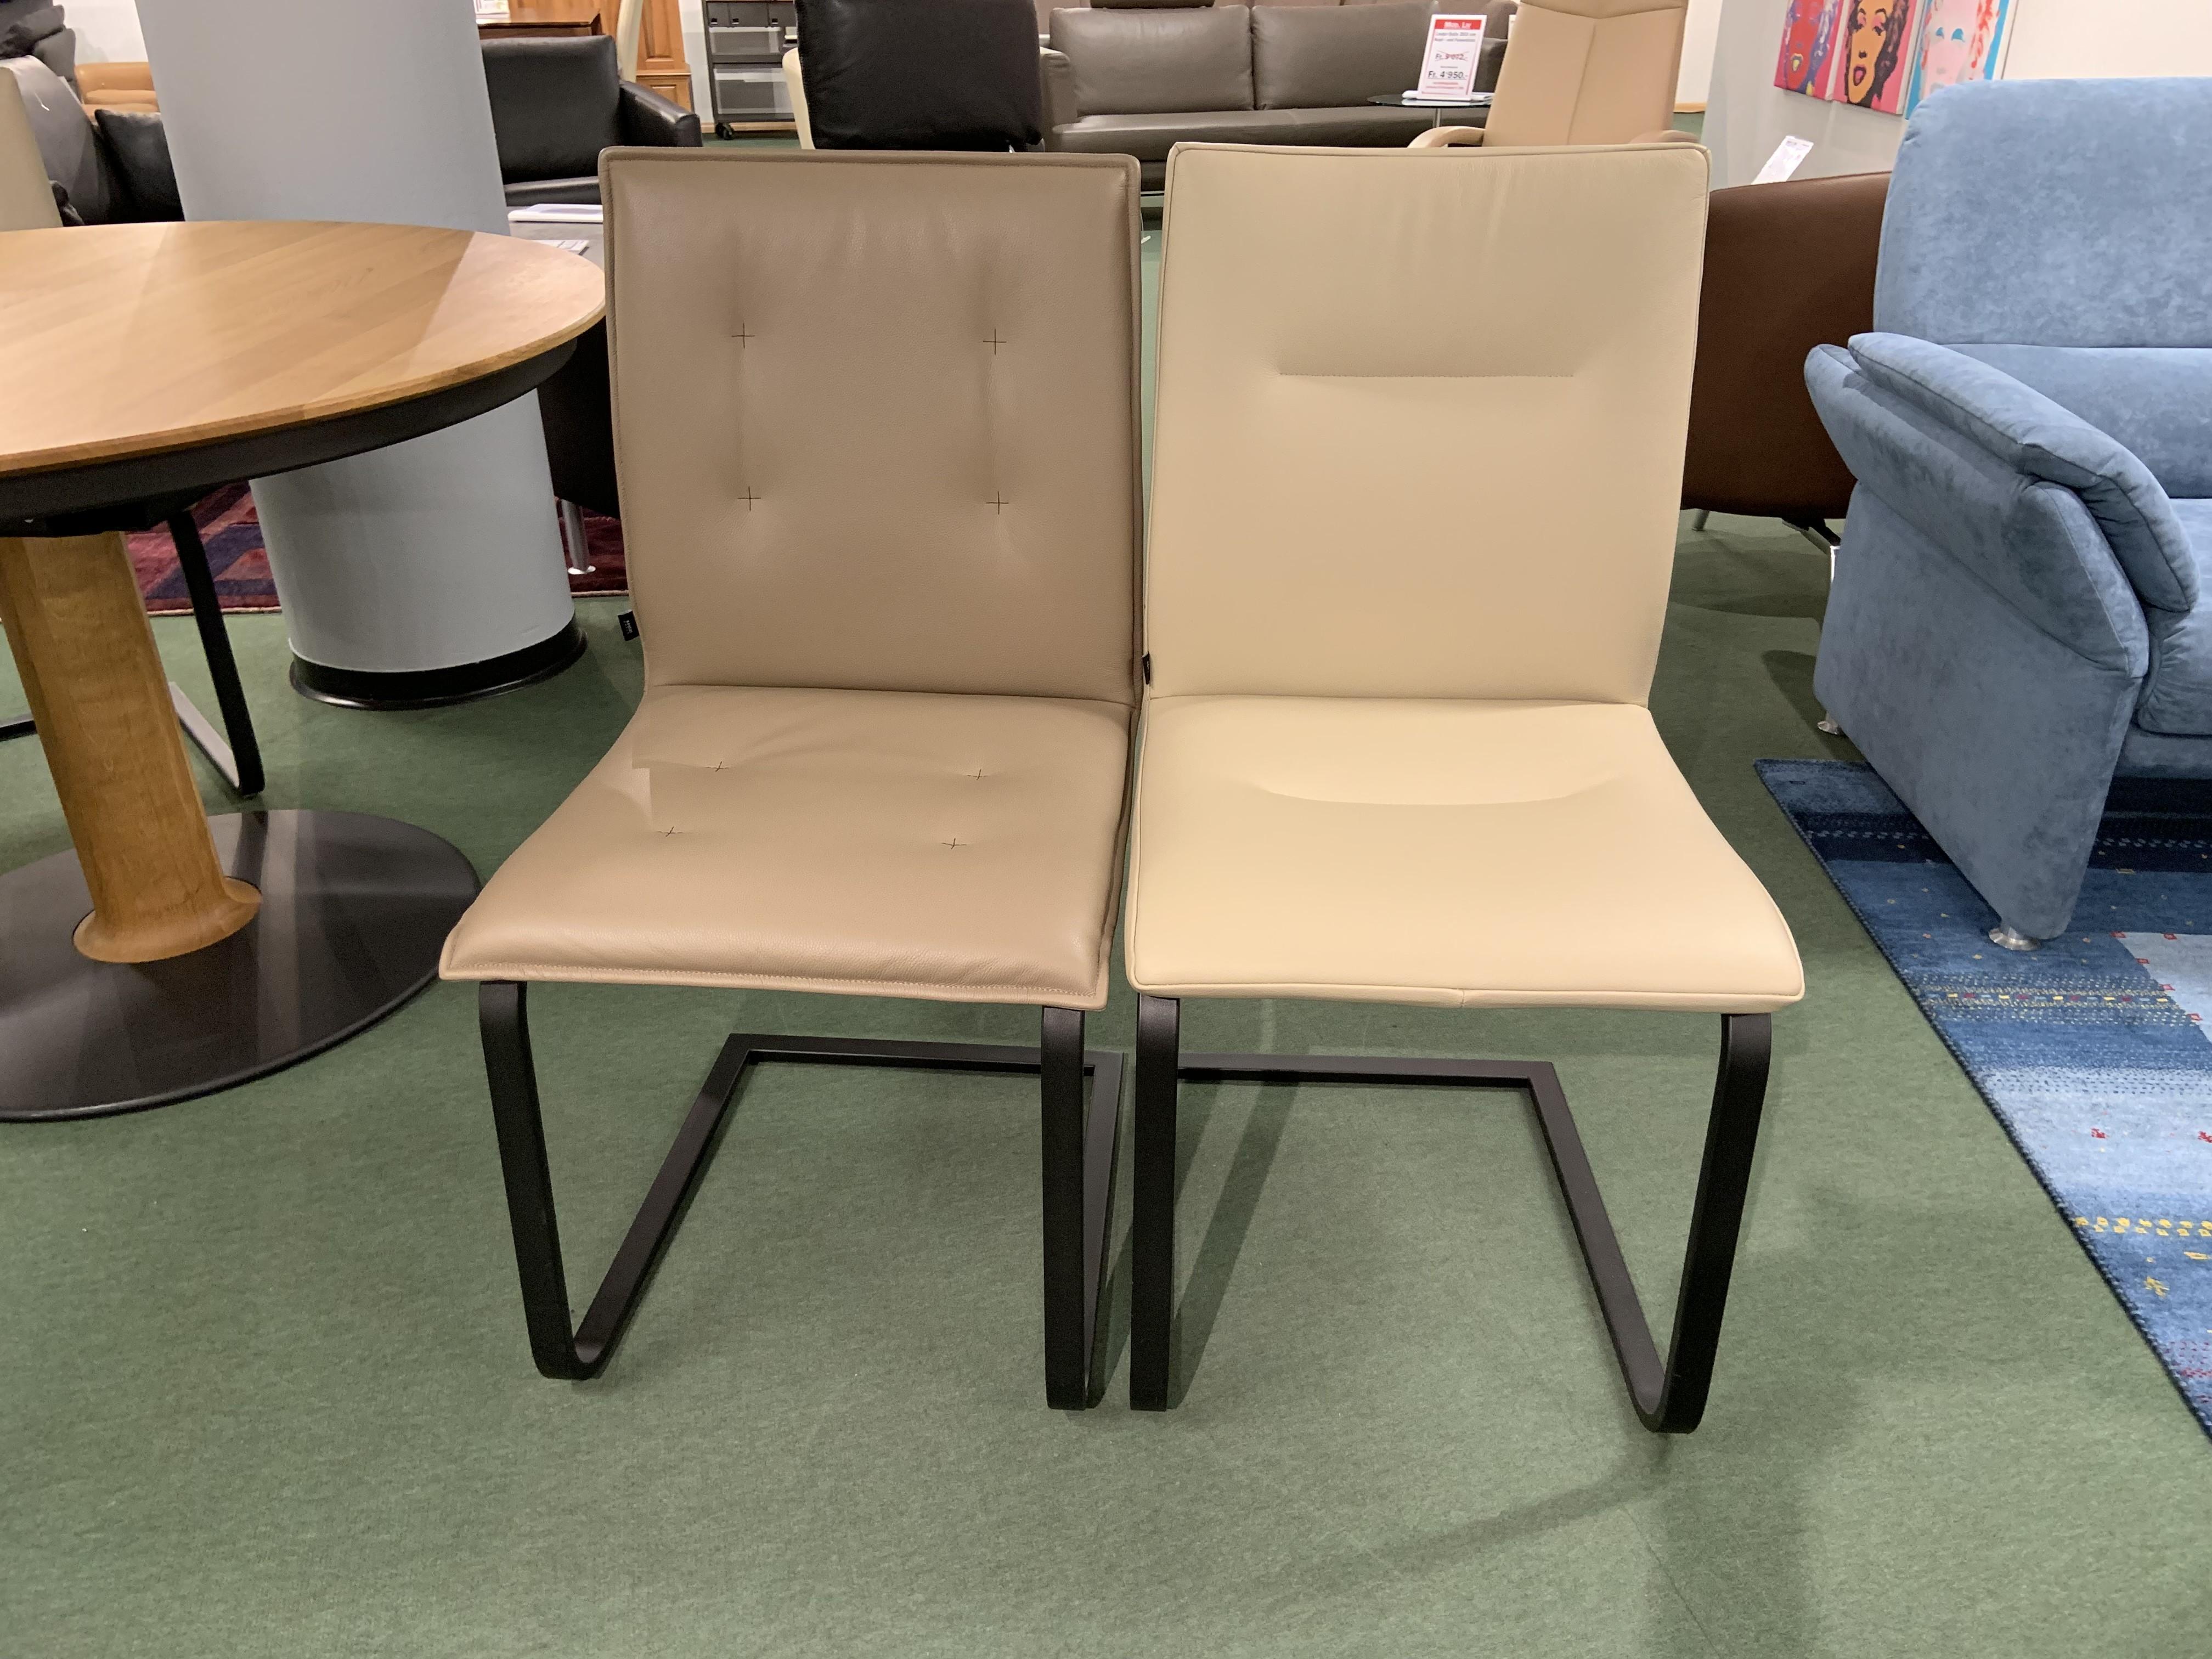 Auszugstisch Rota 120 (120 x 180) cm, 2 & 2 Stühle 05